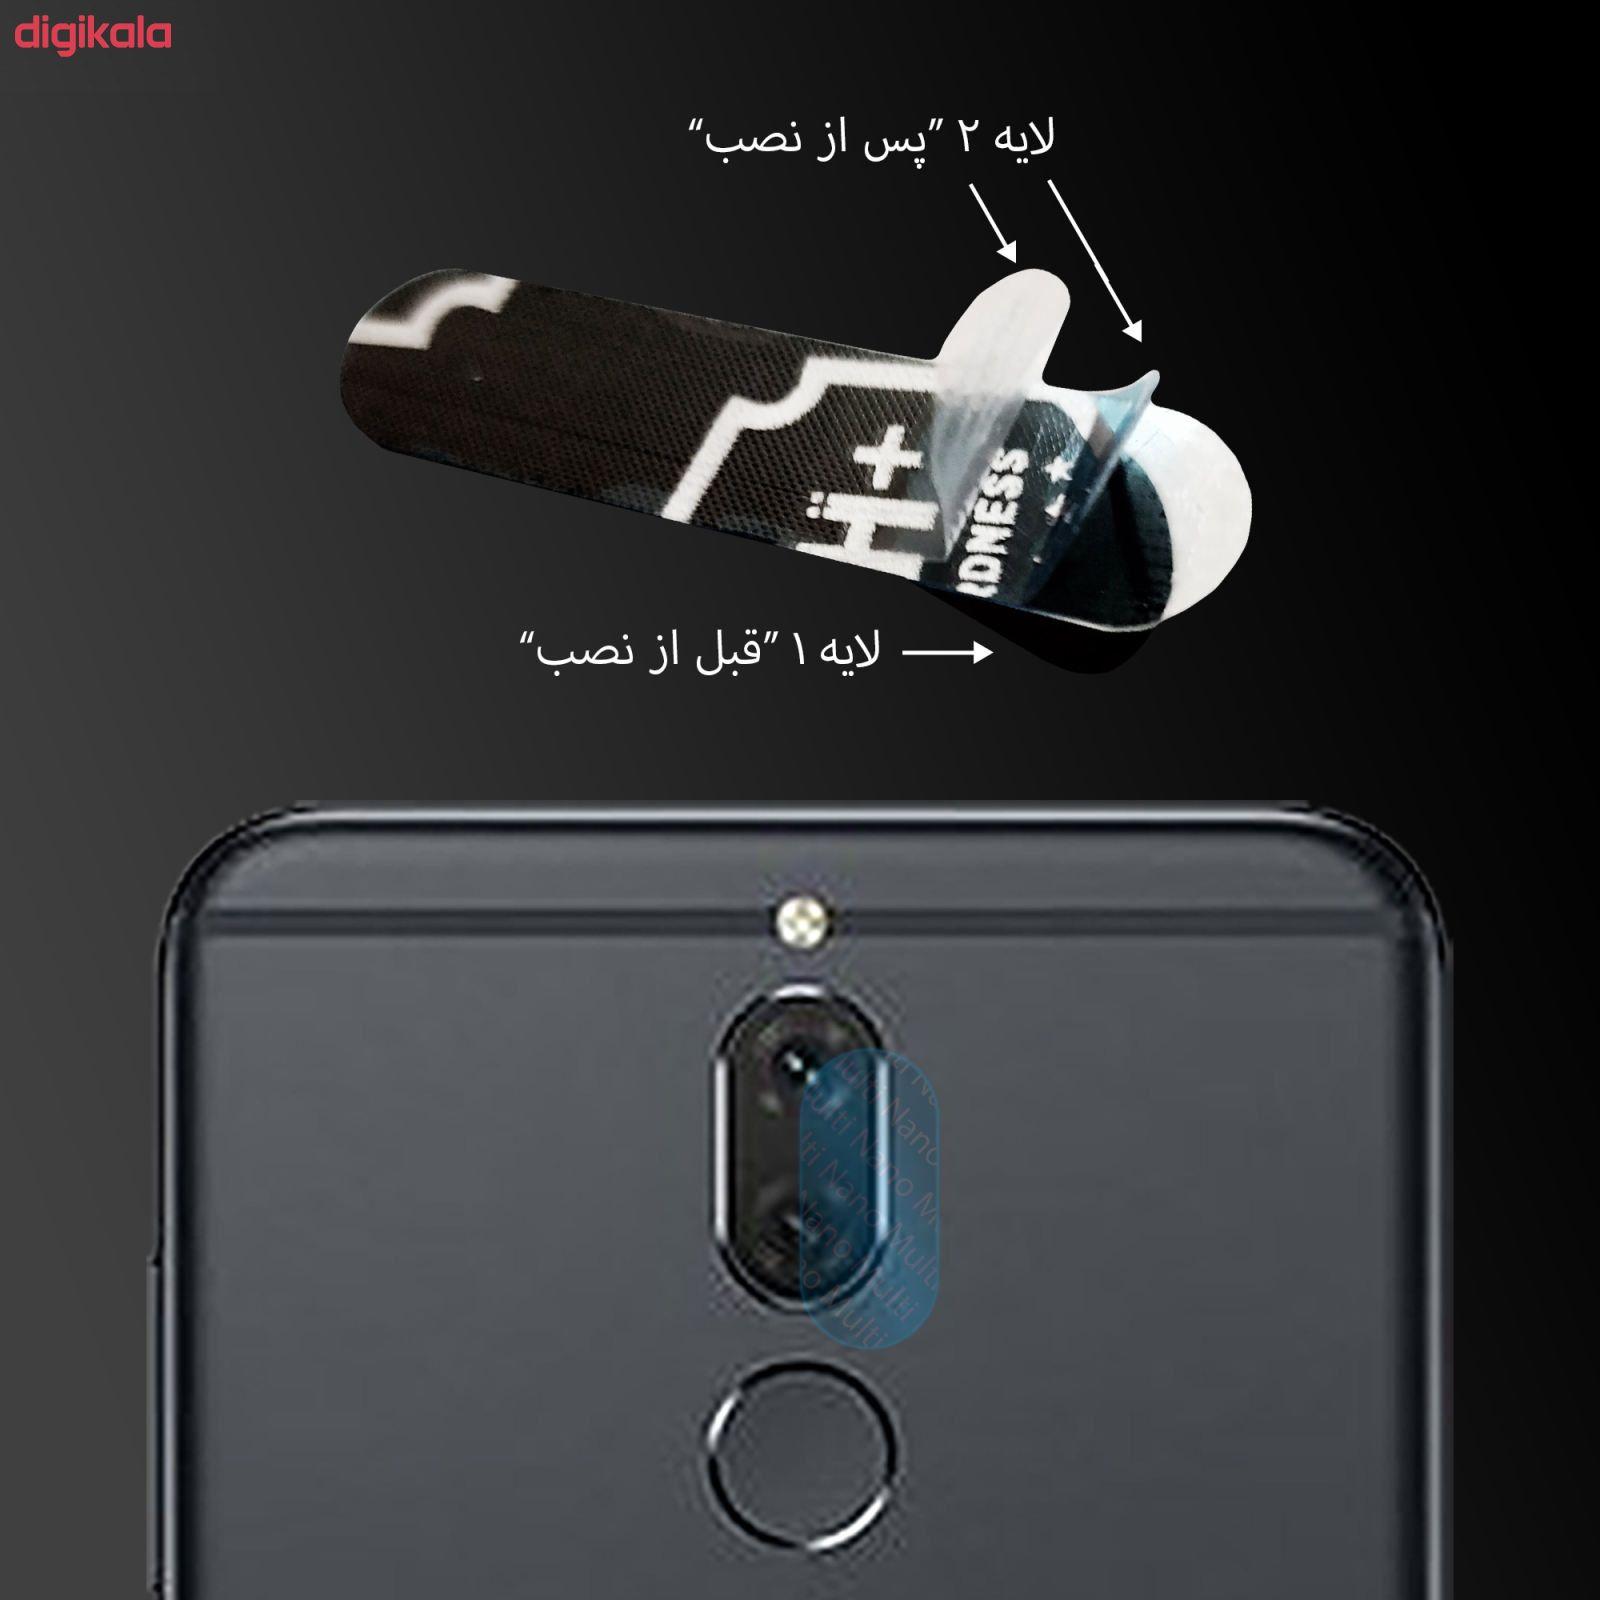 محافظ لنز دوربین مدل bt-39 مناسب برای گوشی موبایل هوآوی Y6 2019 main 1 1